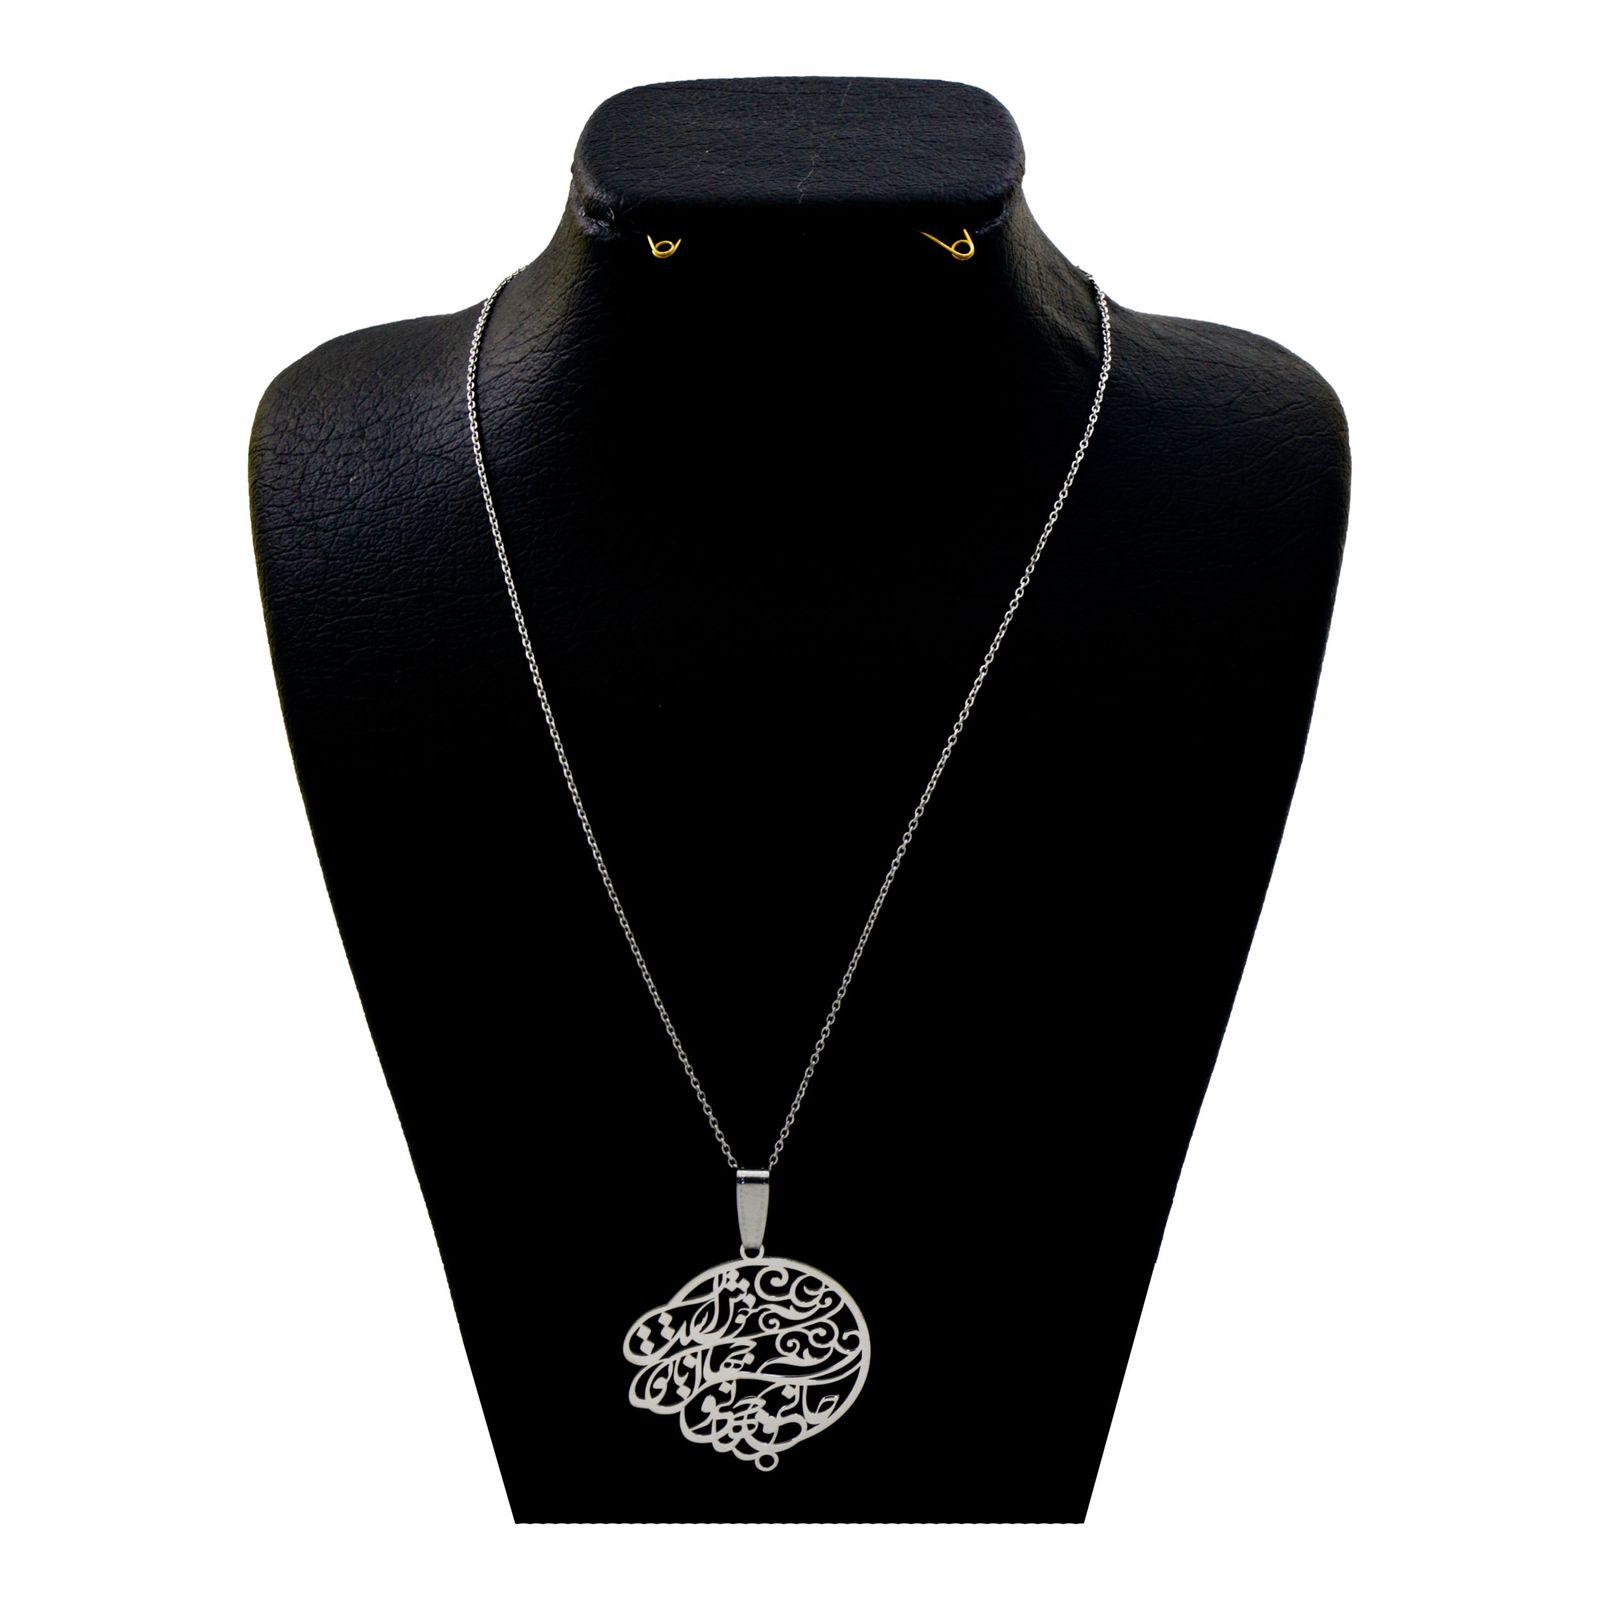 گردنبند نقره زنانه دلی جم طرح جان و جهانی و جهان با تو خوش است کد D 58 -  - 2